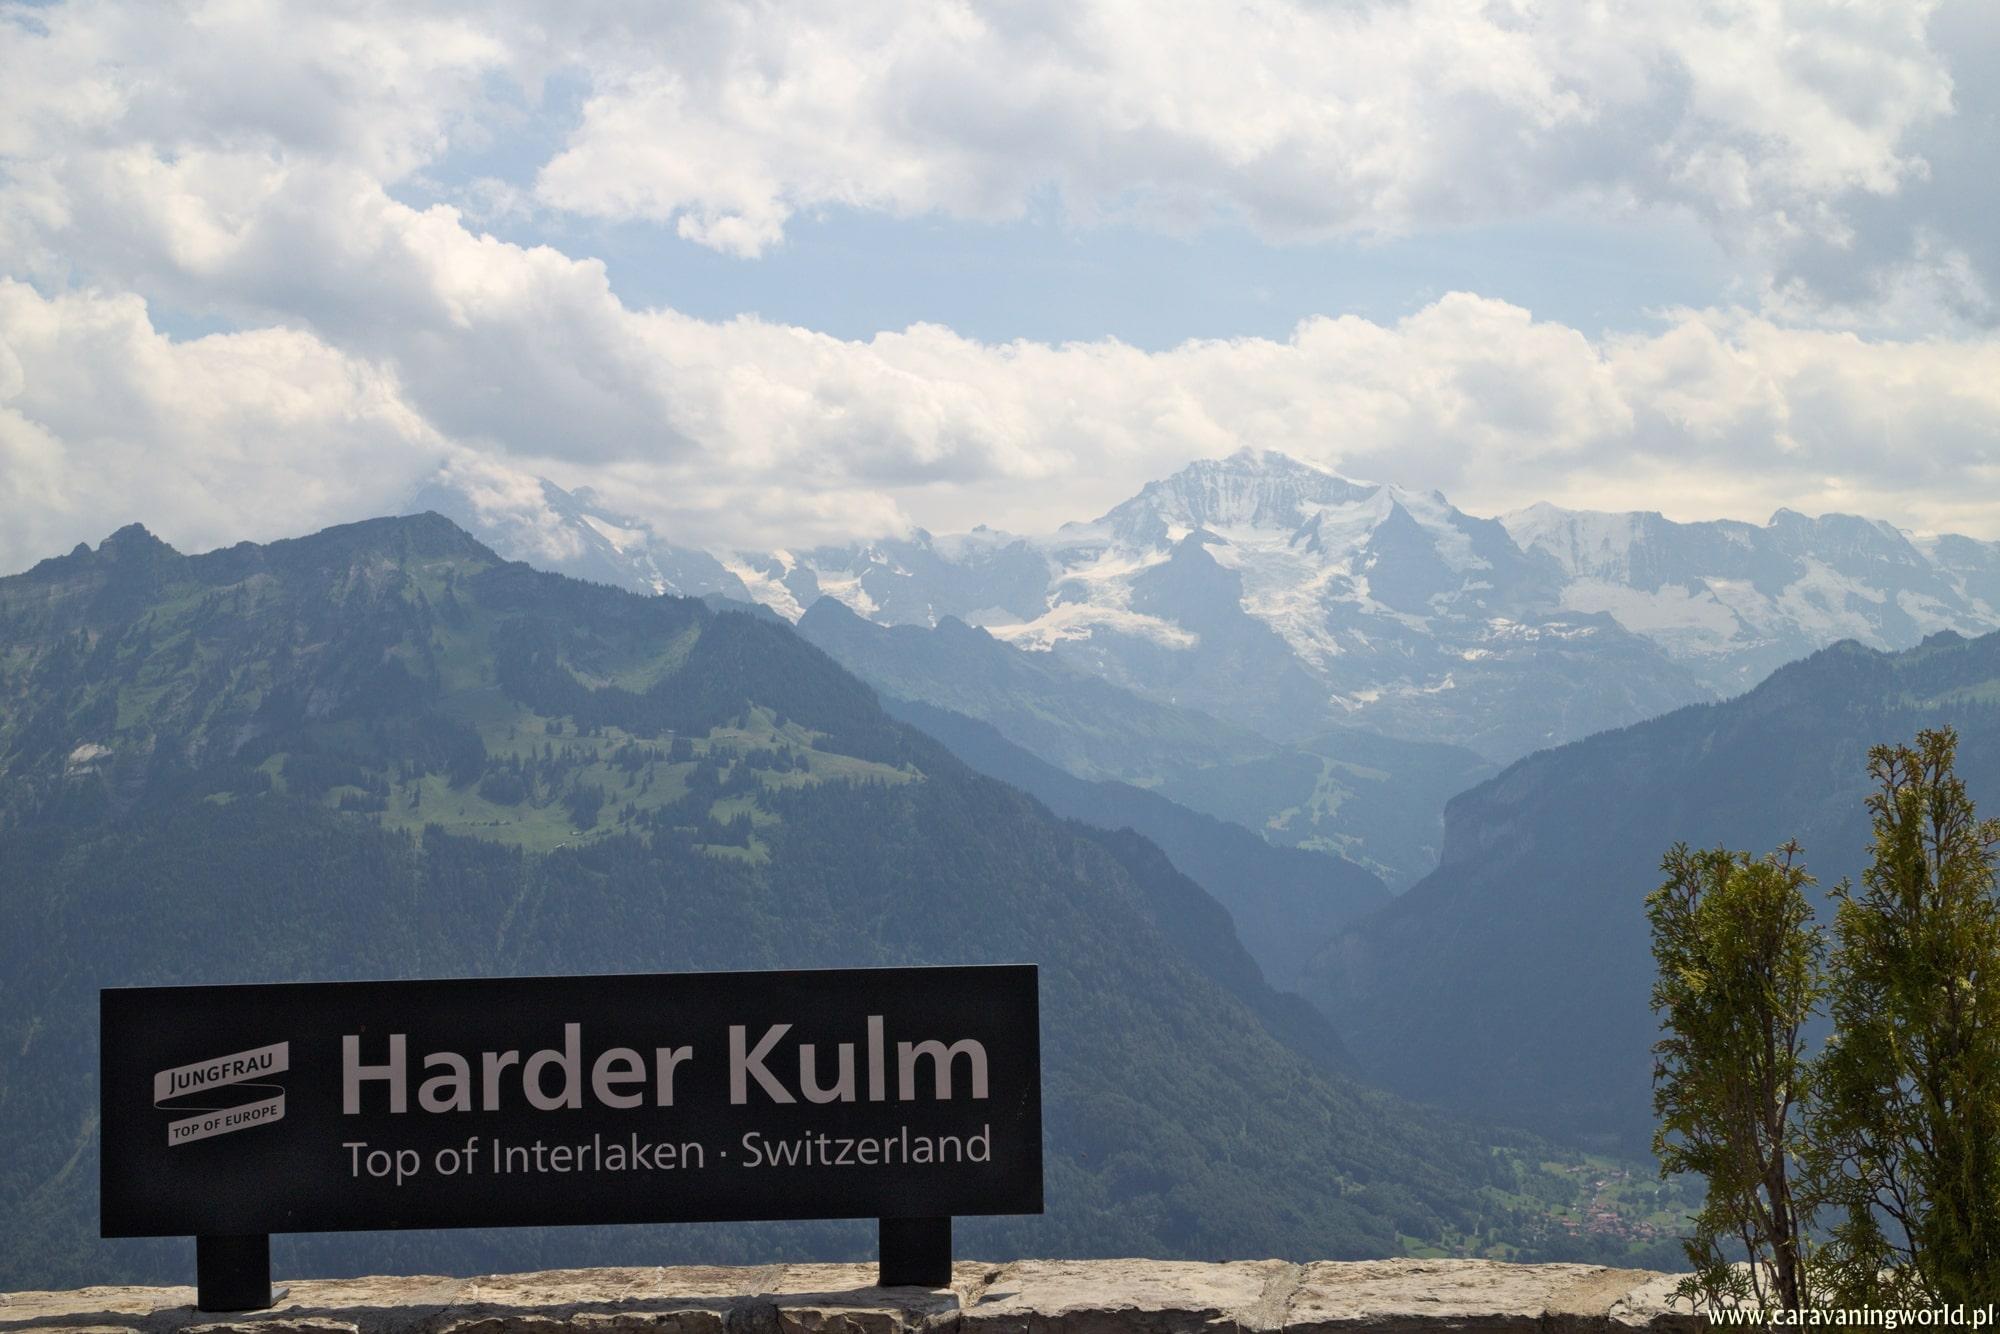 Widok na 3 alpejskie szczyty Eiger, Moench oraz Jungfrau